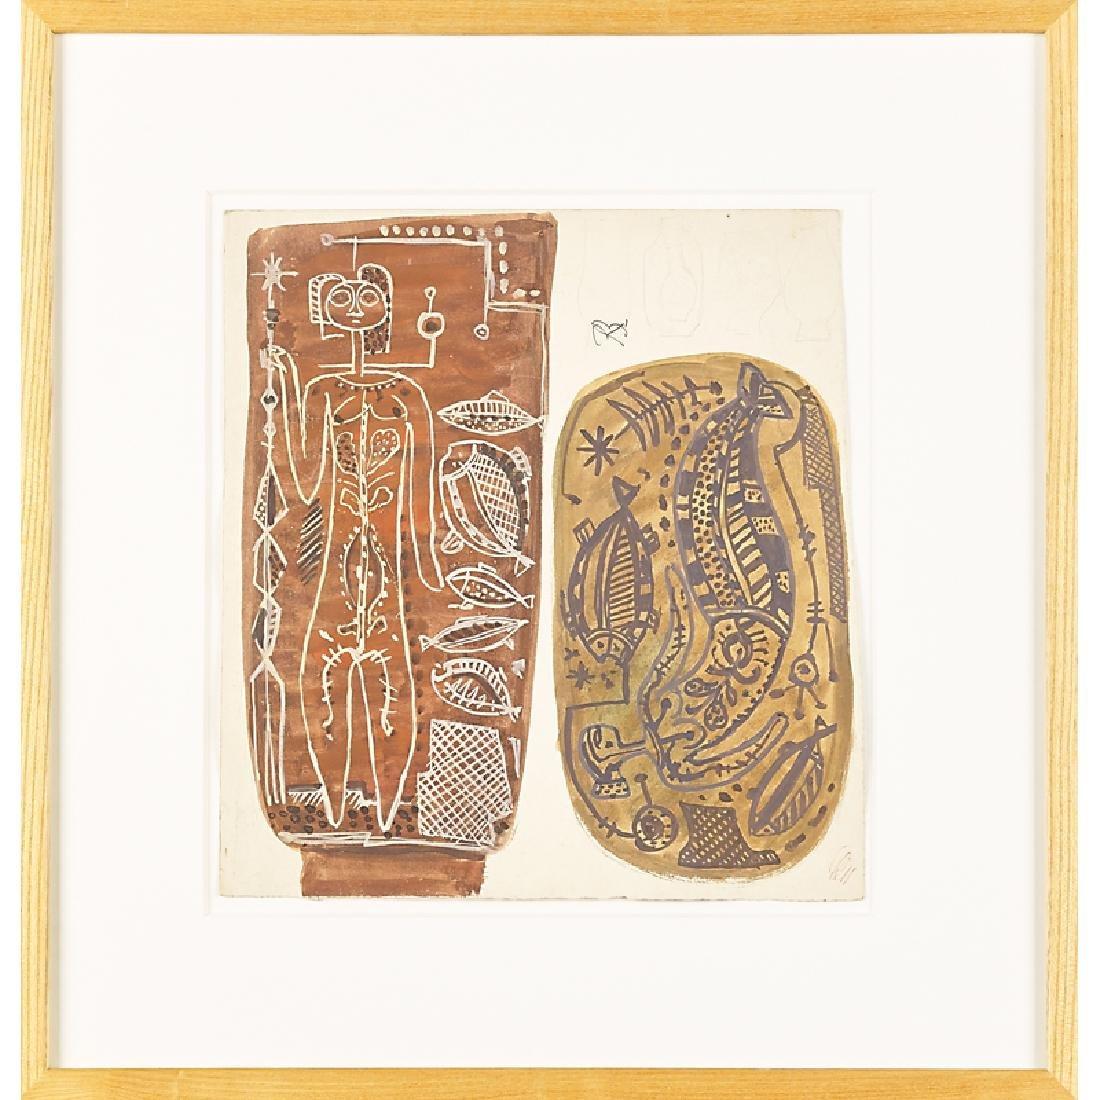 RENE BUTHAUD Three untitled studies